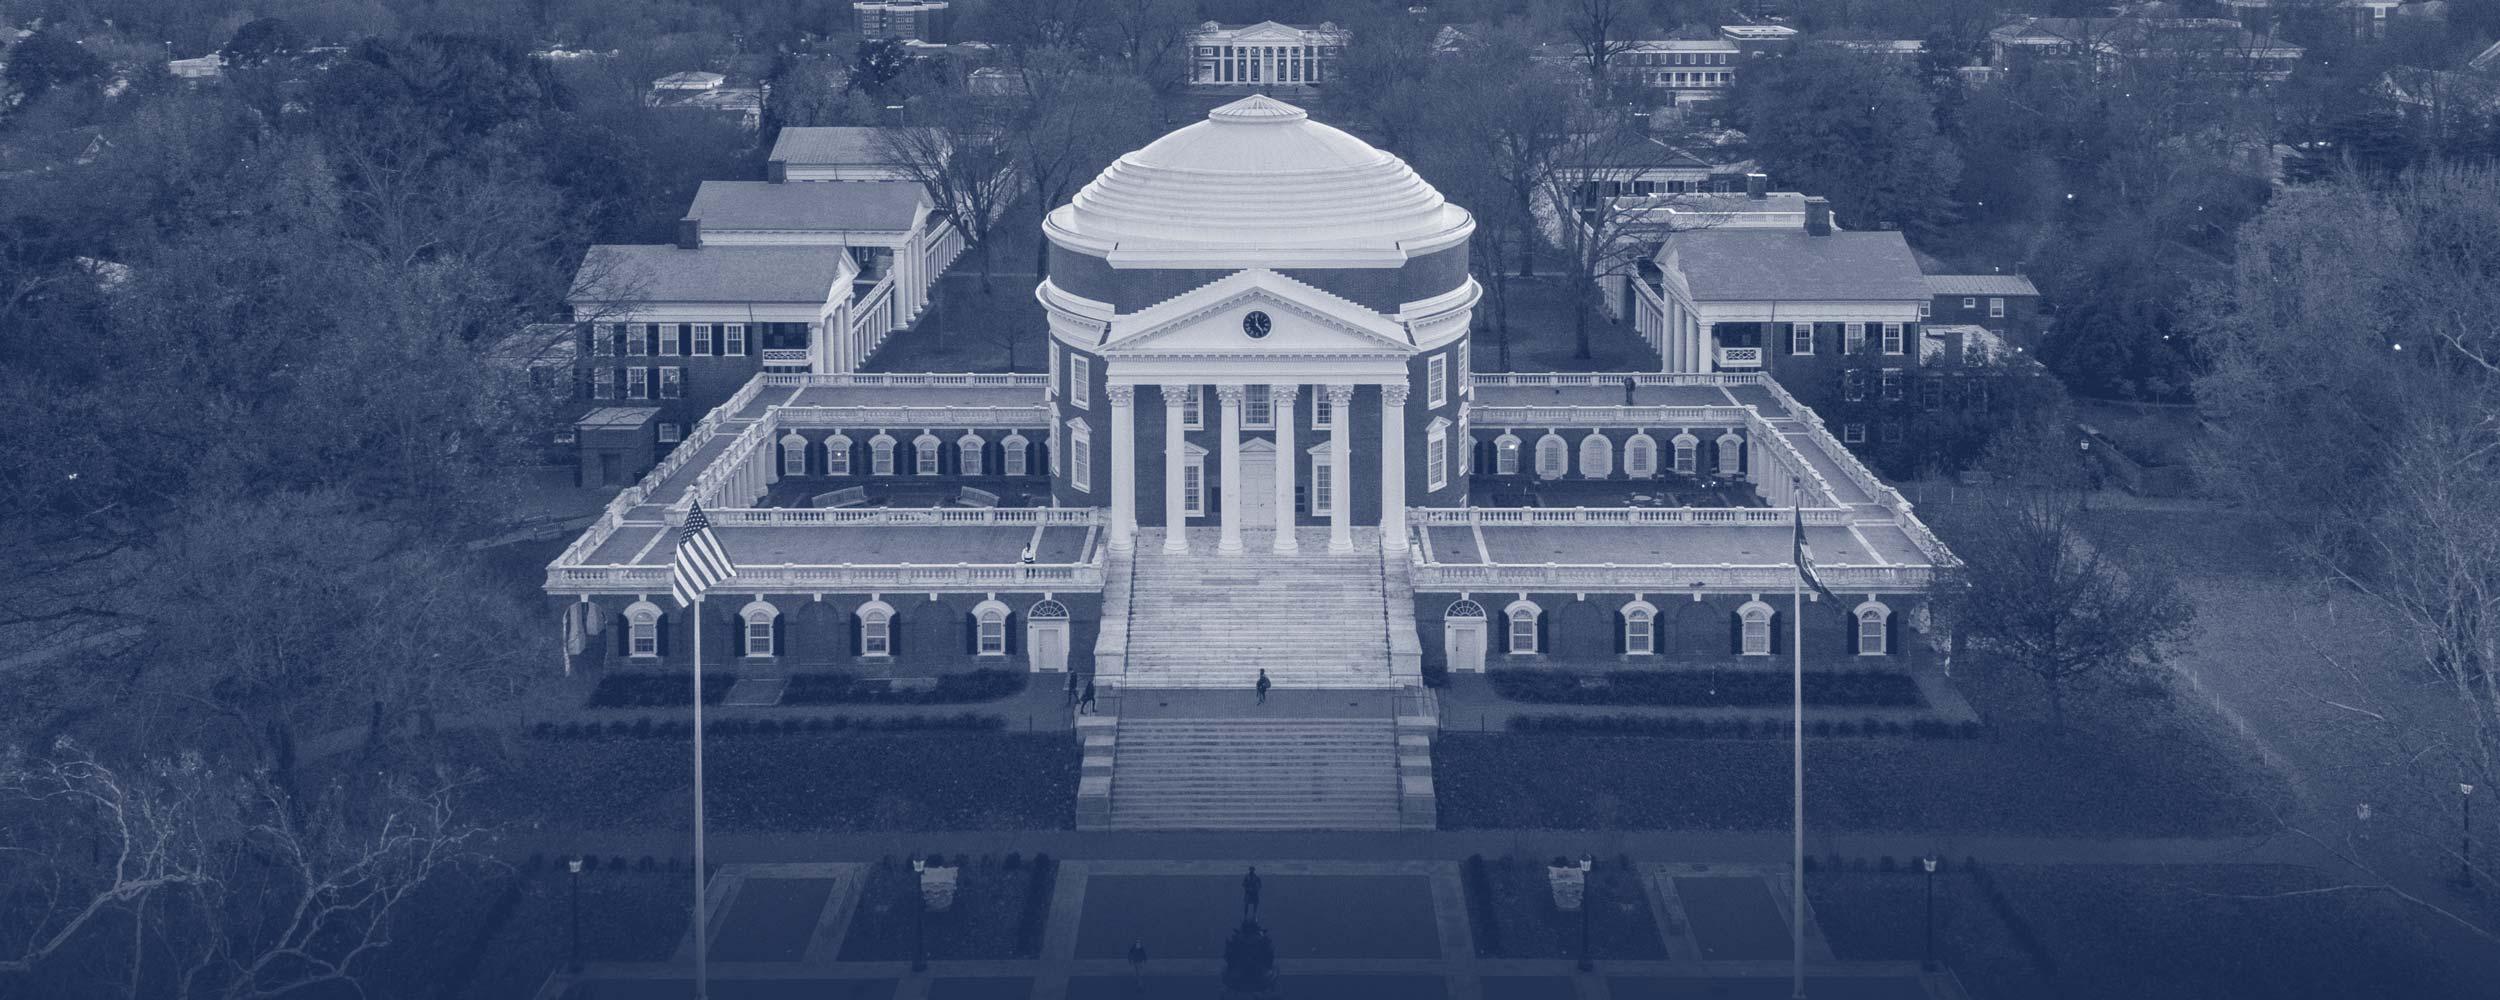 Teaching Tips From UVA's 13 Newest Teaching Award Winners | UVA Today